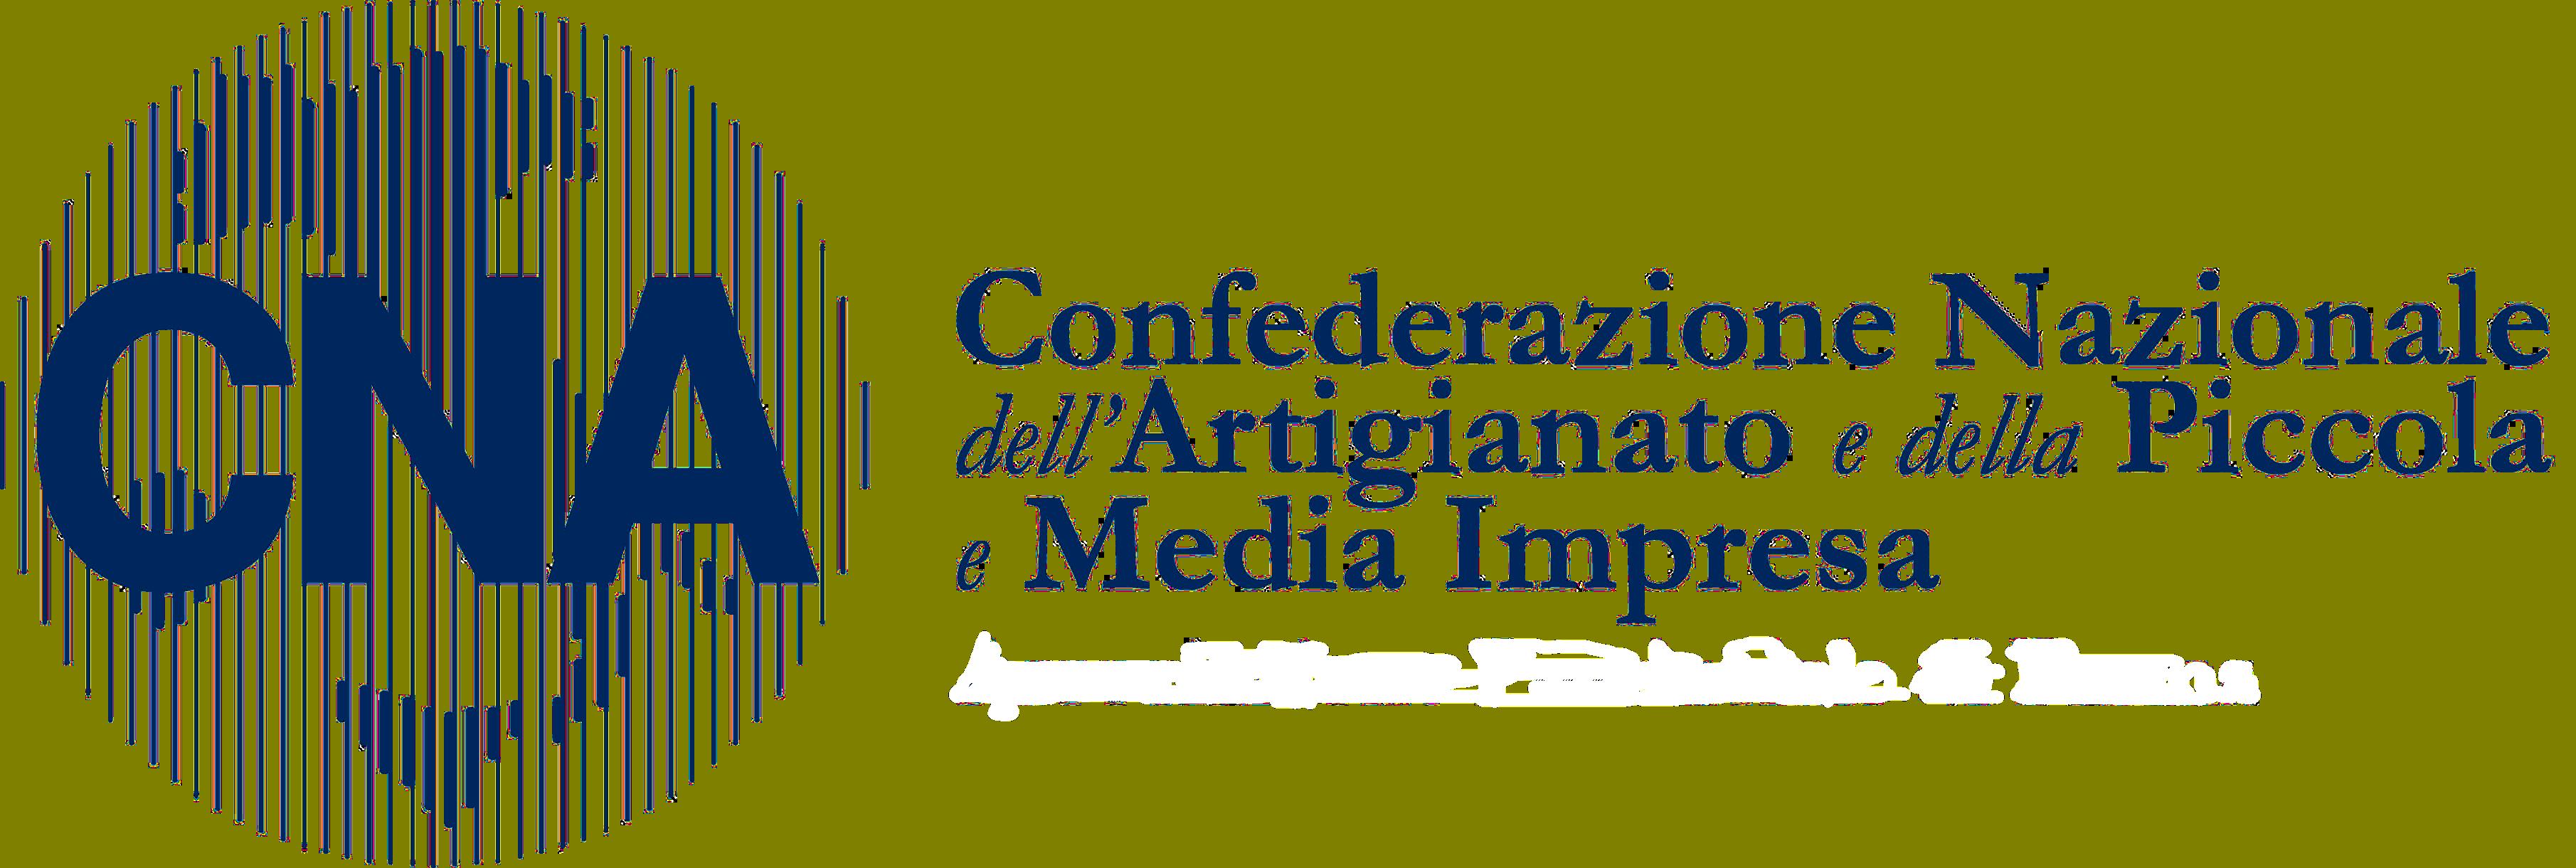 20110319002606!CNA_logo